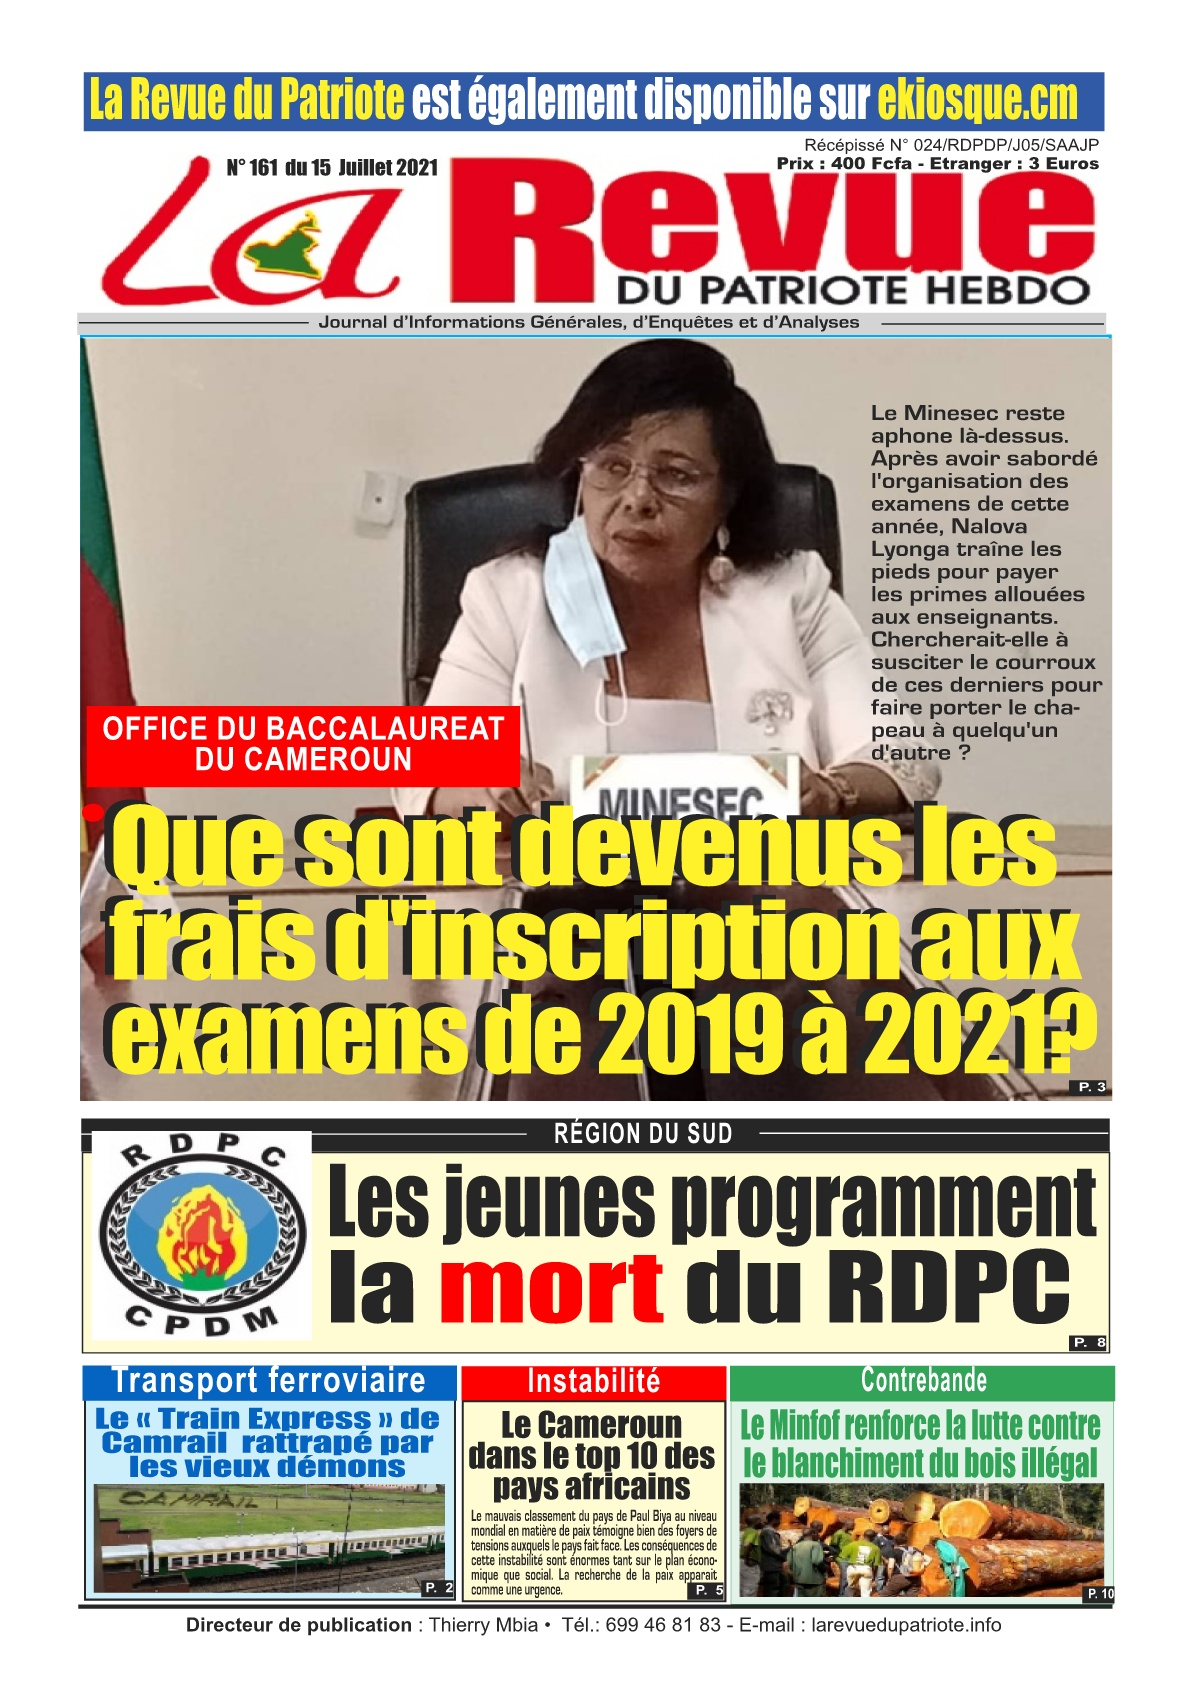 La Revue du Patriote - 15/07/2021